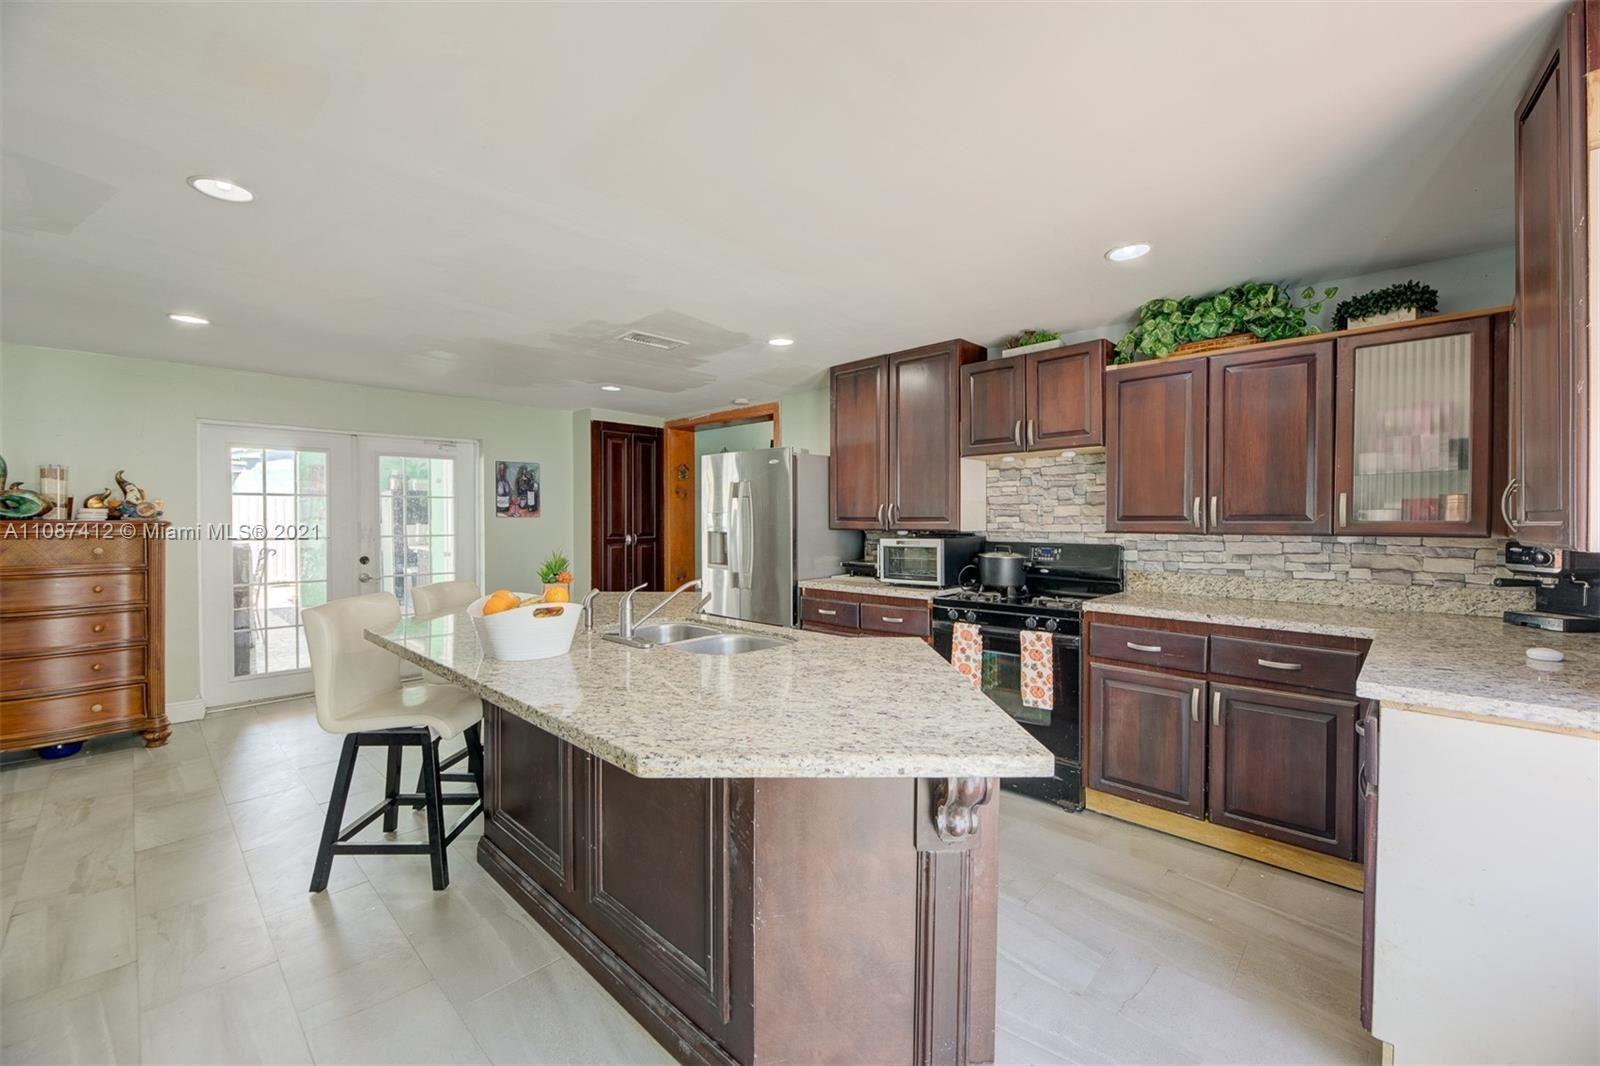 9321 Broad Manor Rd, Miami, FL 33147 - #: A11087412